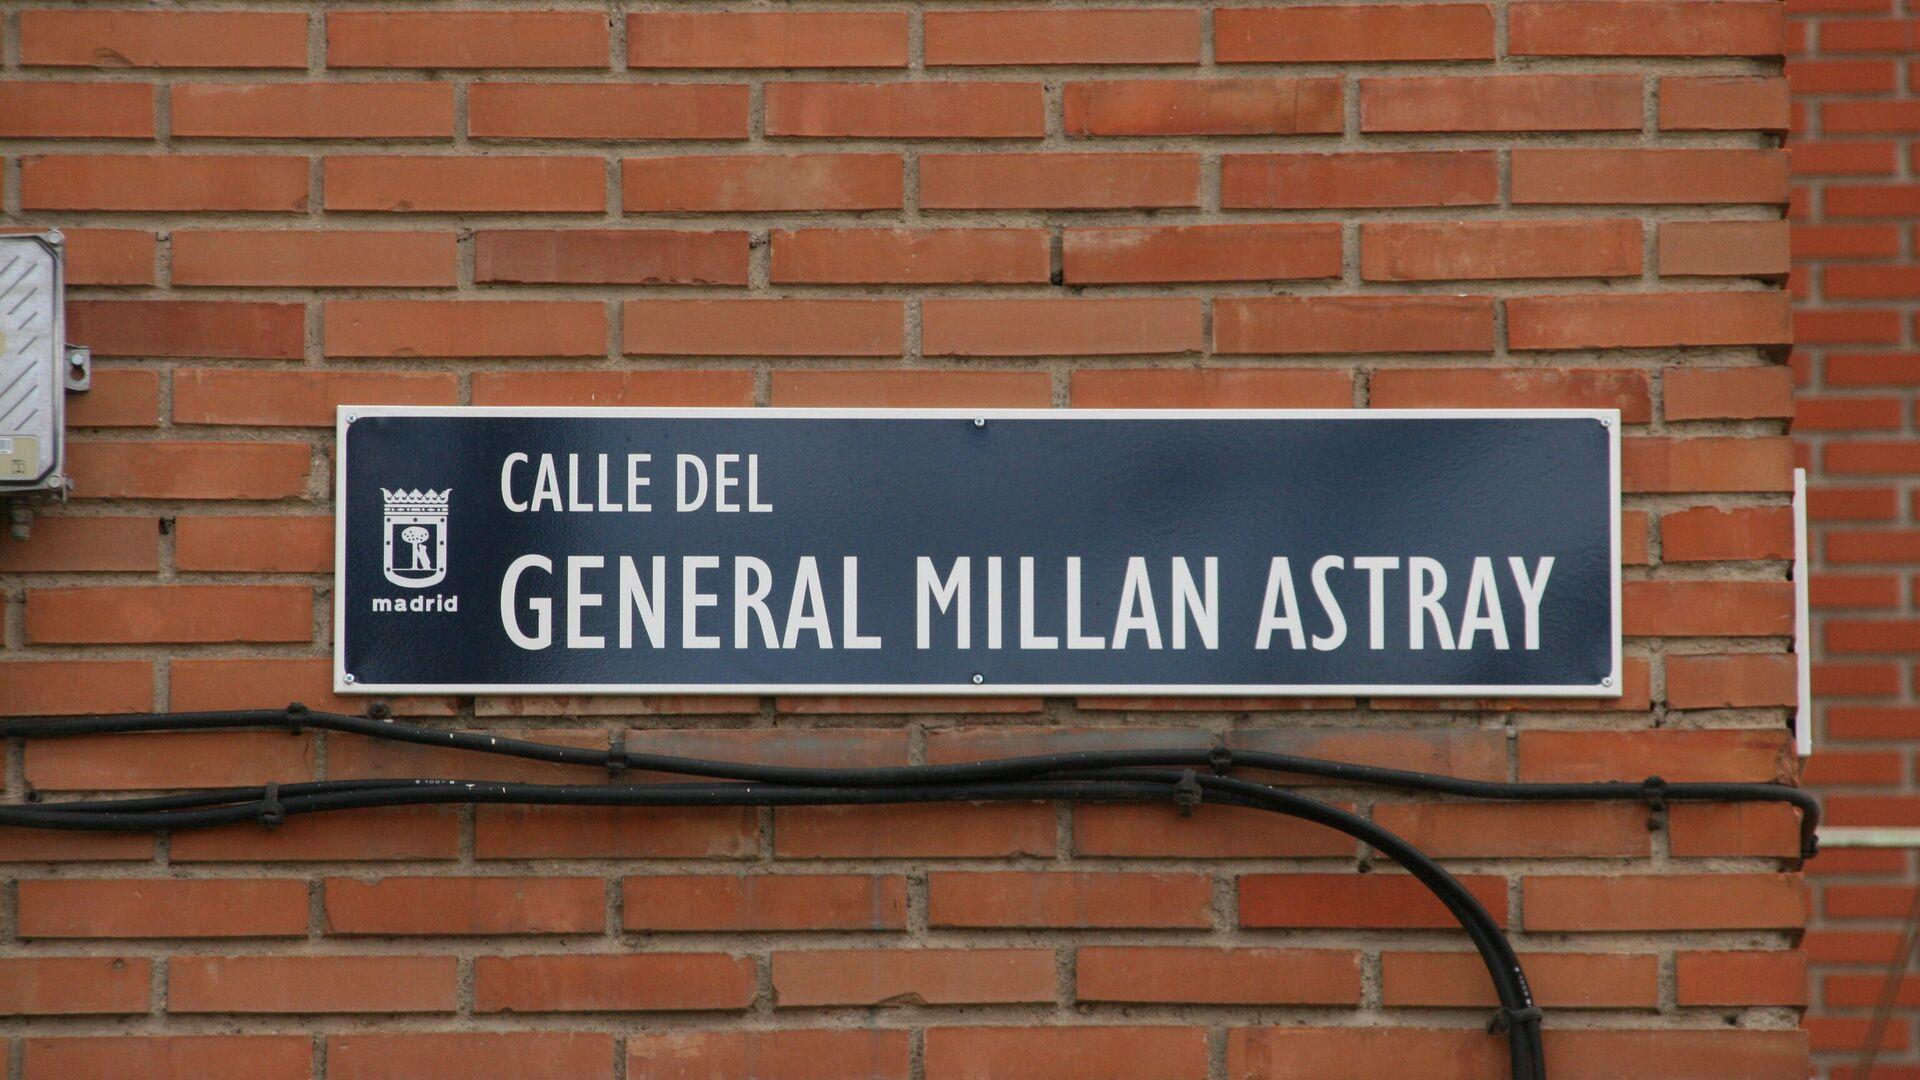 Placa de la calle General Millán Astray en el barrio de Las Águilas, distrito de Latina, en Madrid - Sputnik Mundo, 1920, 24.08.2021